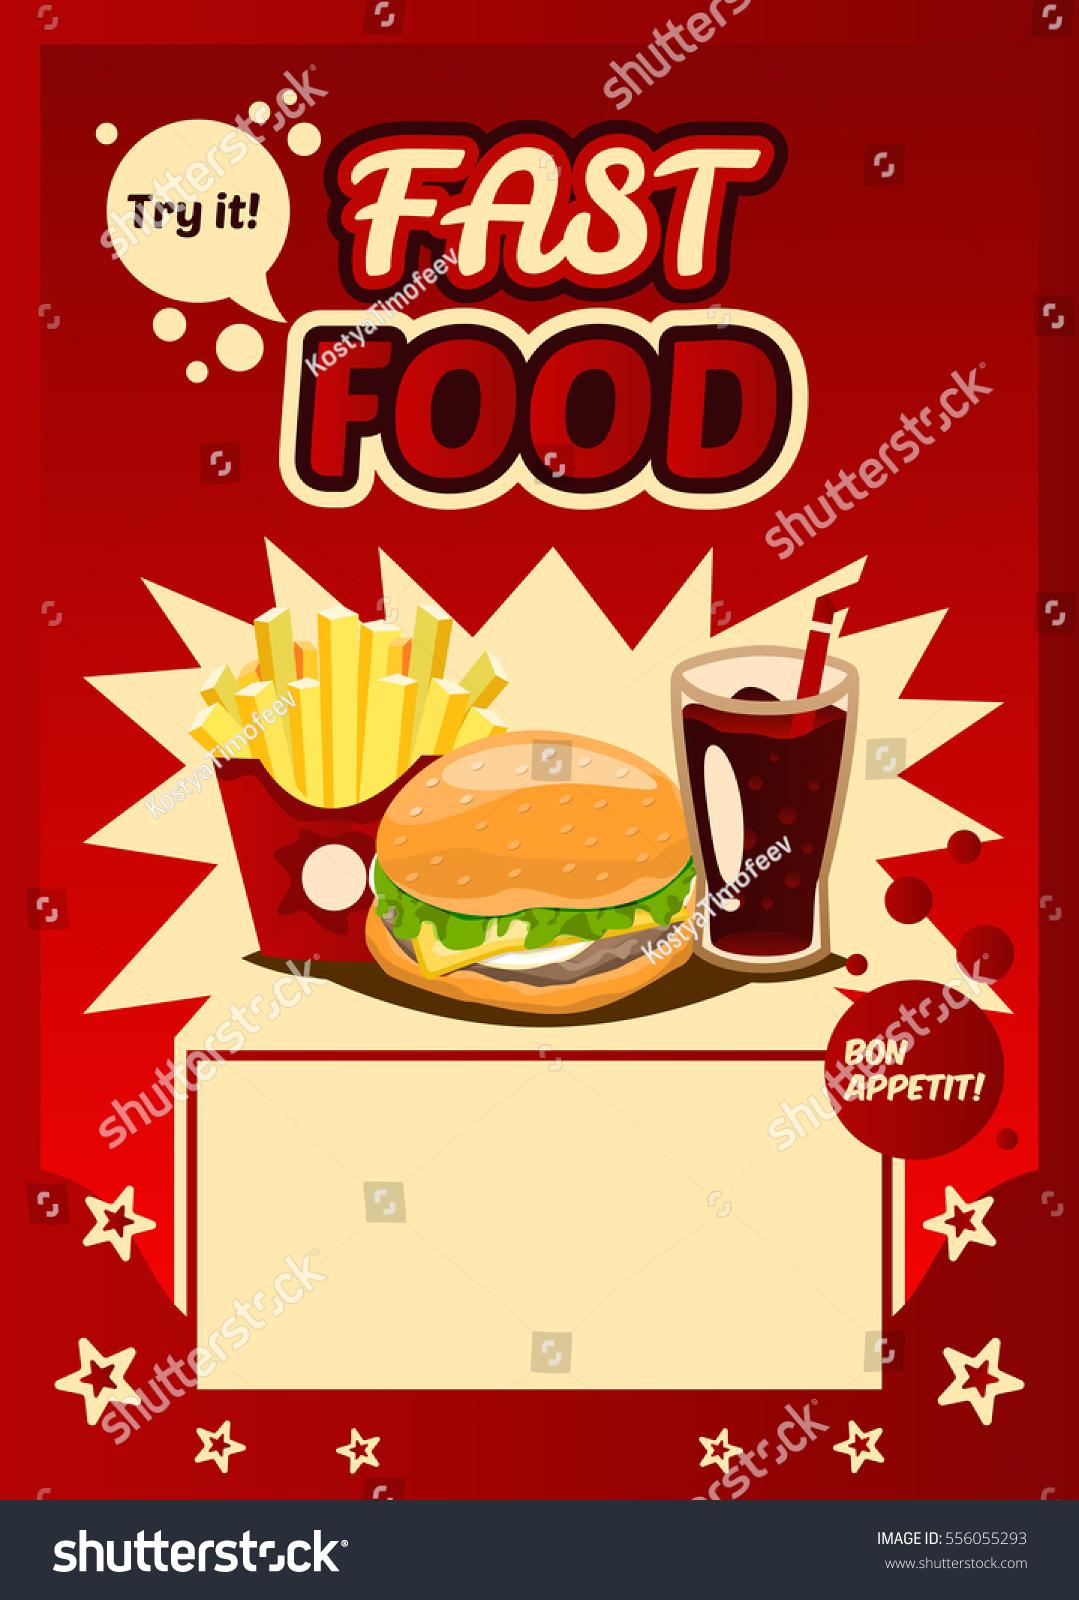 Nutrition Fast Food Breakfast